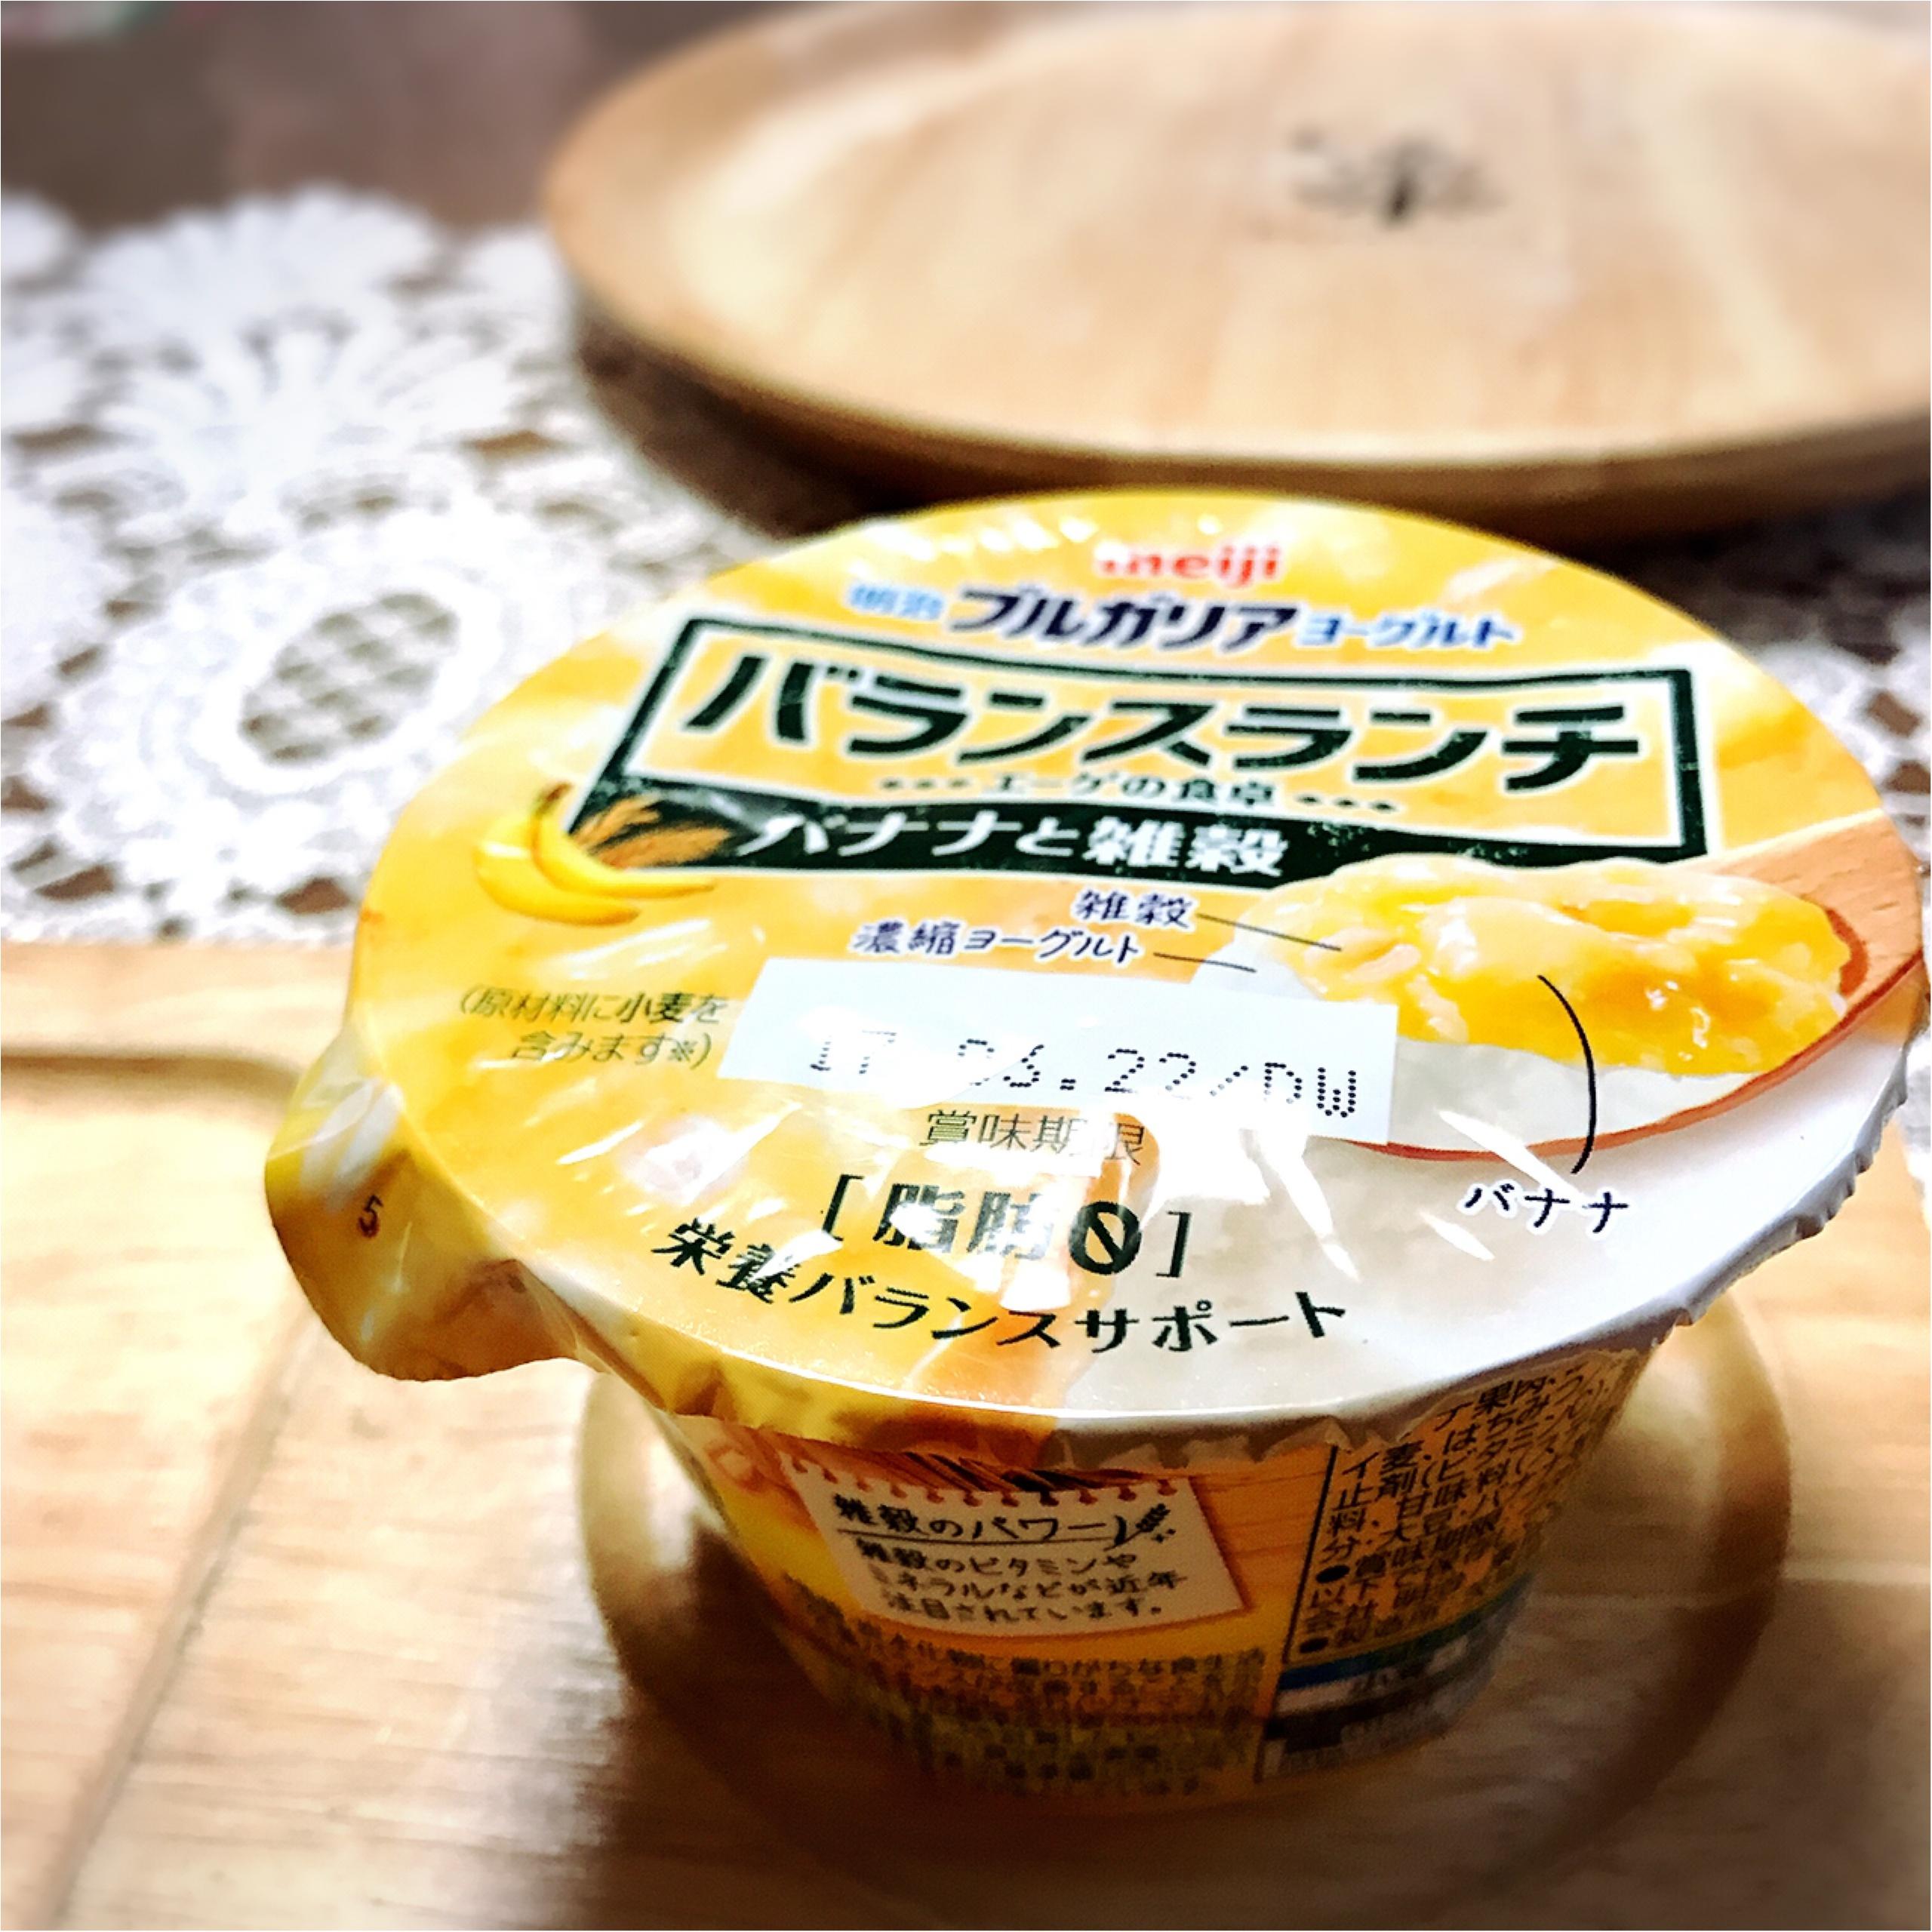 【グルメな話】食事としてのヨーグルト!新発想・バランスランチがおいしく新登場♪_1